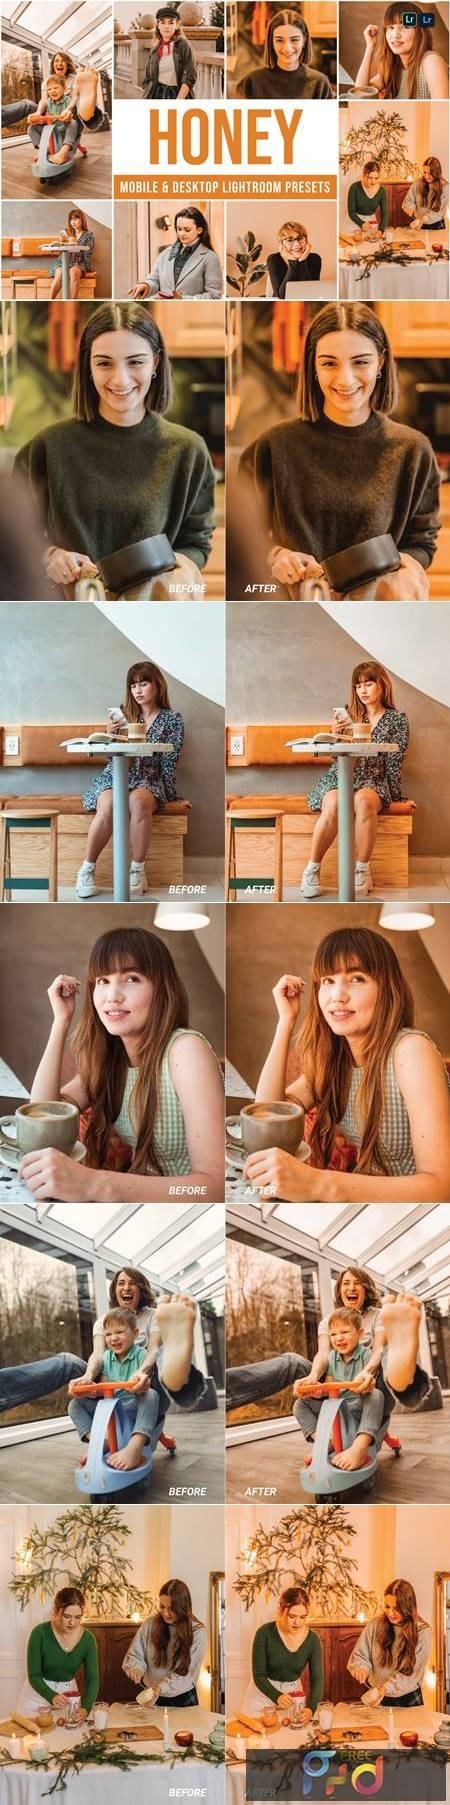 Honey Mobile and Desktop Lightroom Presets PFG5GK9 1